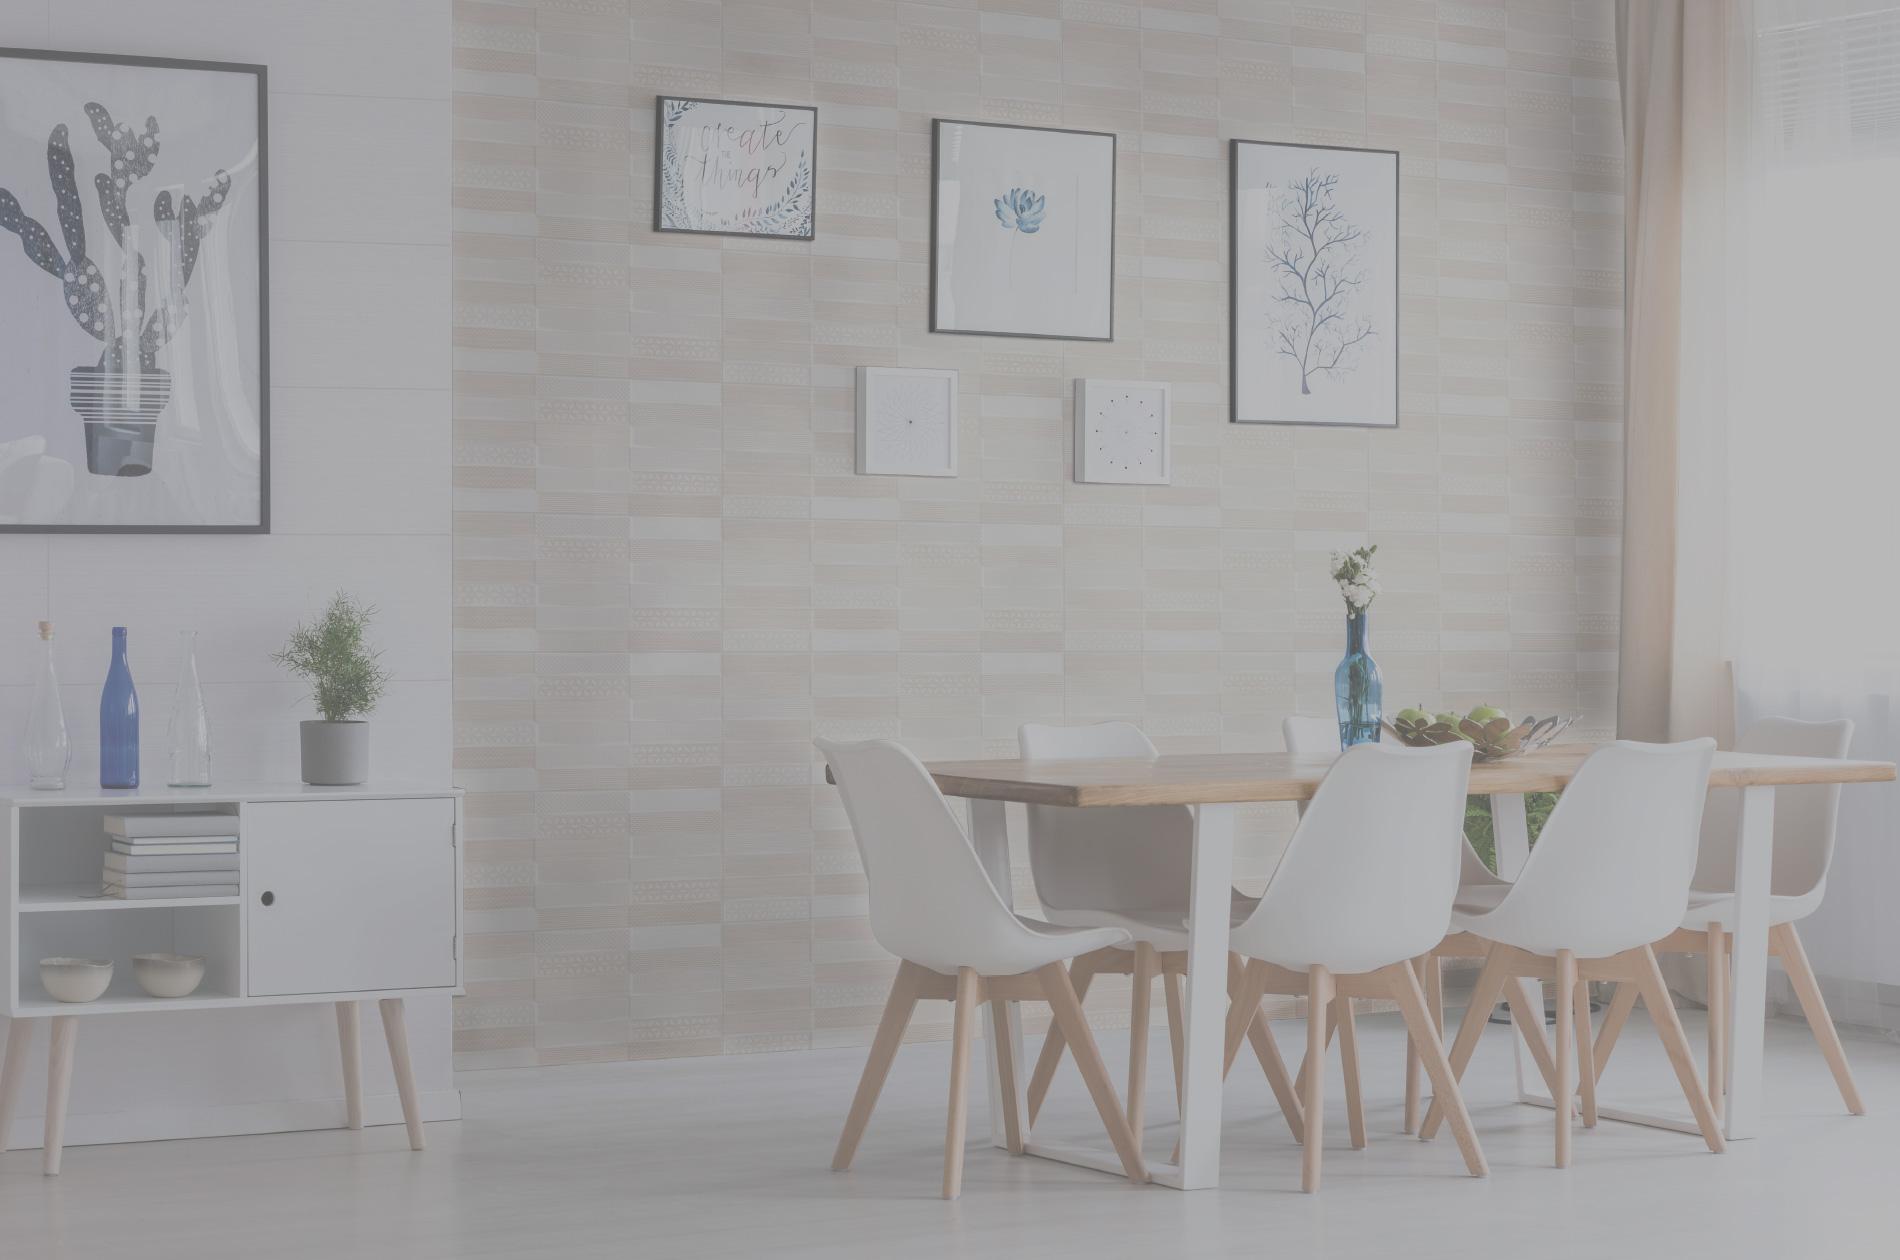 Azulejo espa ol dise o tecnolog a calidad y servicio en pavimento y revestimiento de - Azulejos onda castellon ...